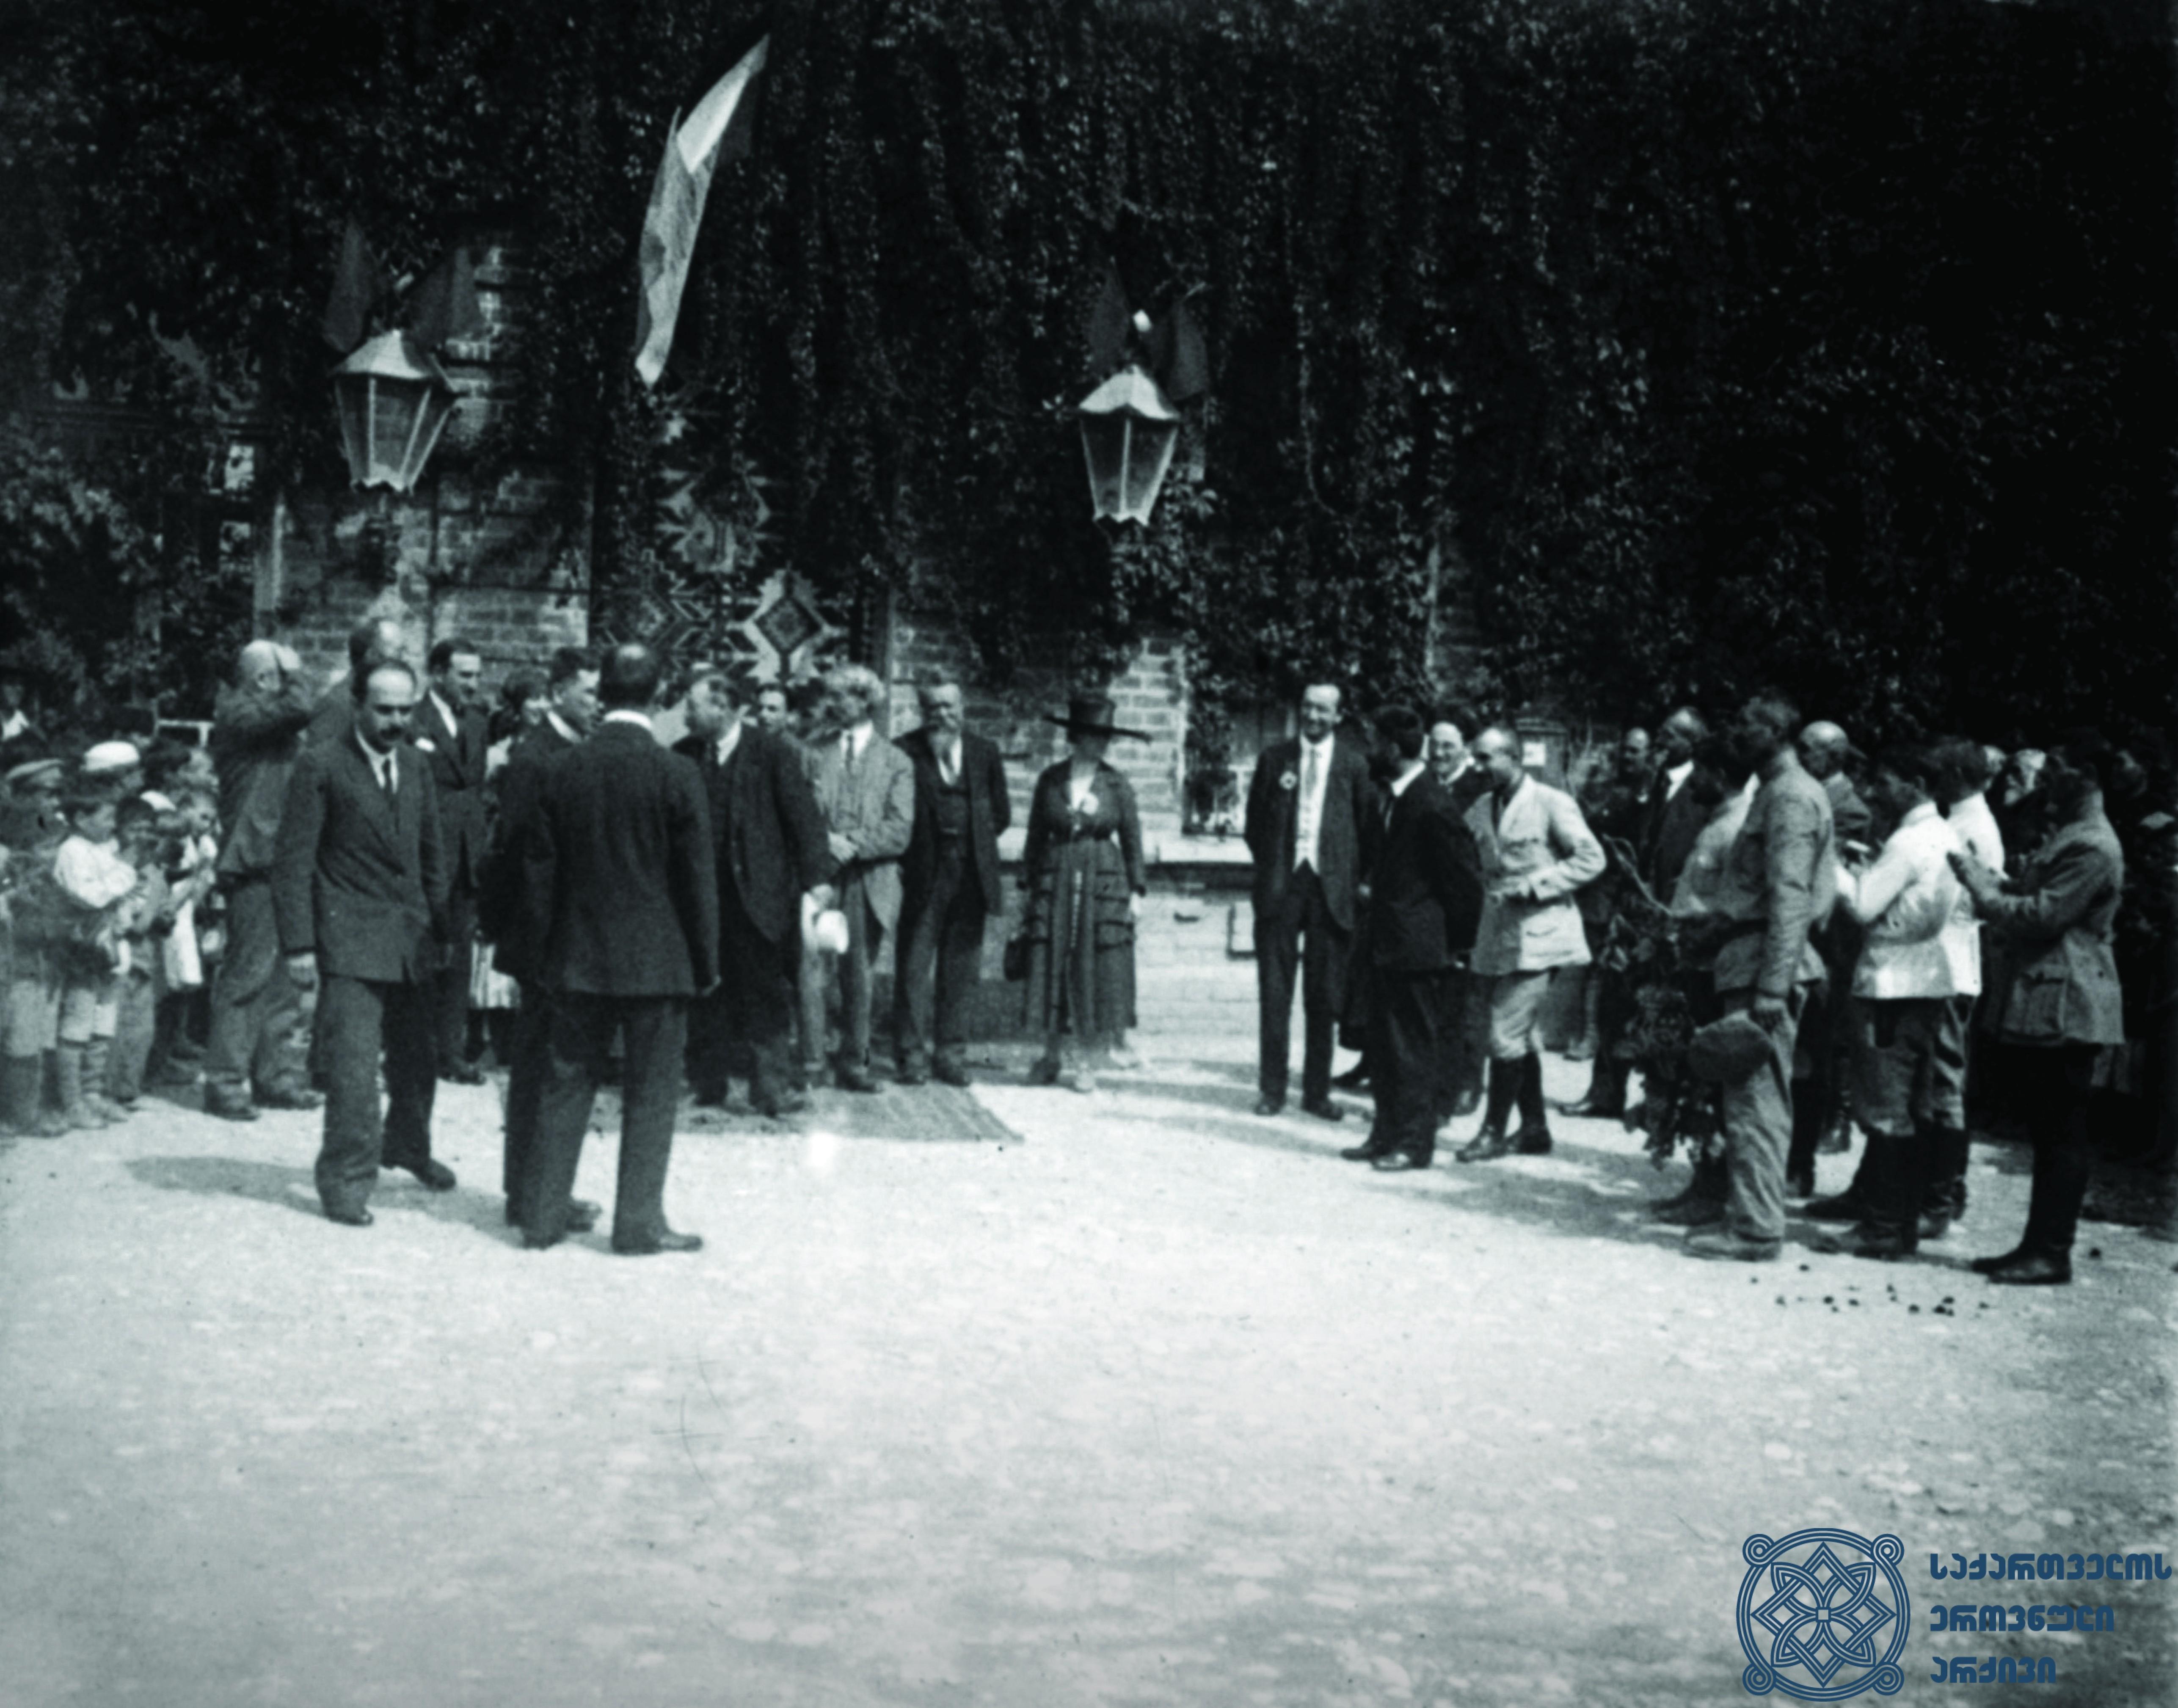 მეორე სოციალისტური ინტერნაციონალის დელეგაციის მოგზაურობა კახეთში. 1920 წლის სექტემბერი. <br> The trip of the delegation of the Second Socialist International to Kakheti. September 1920.